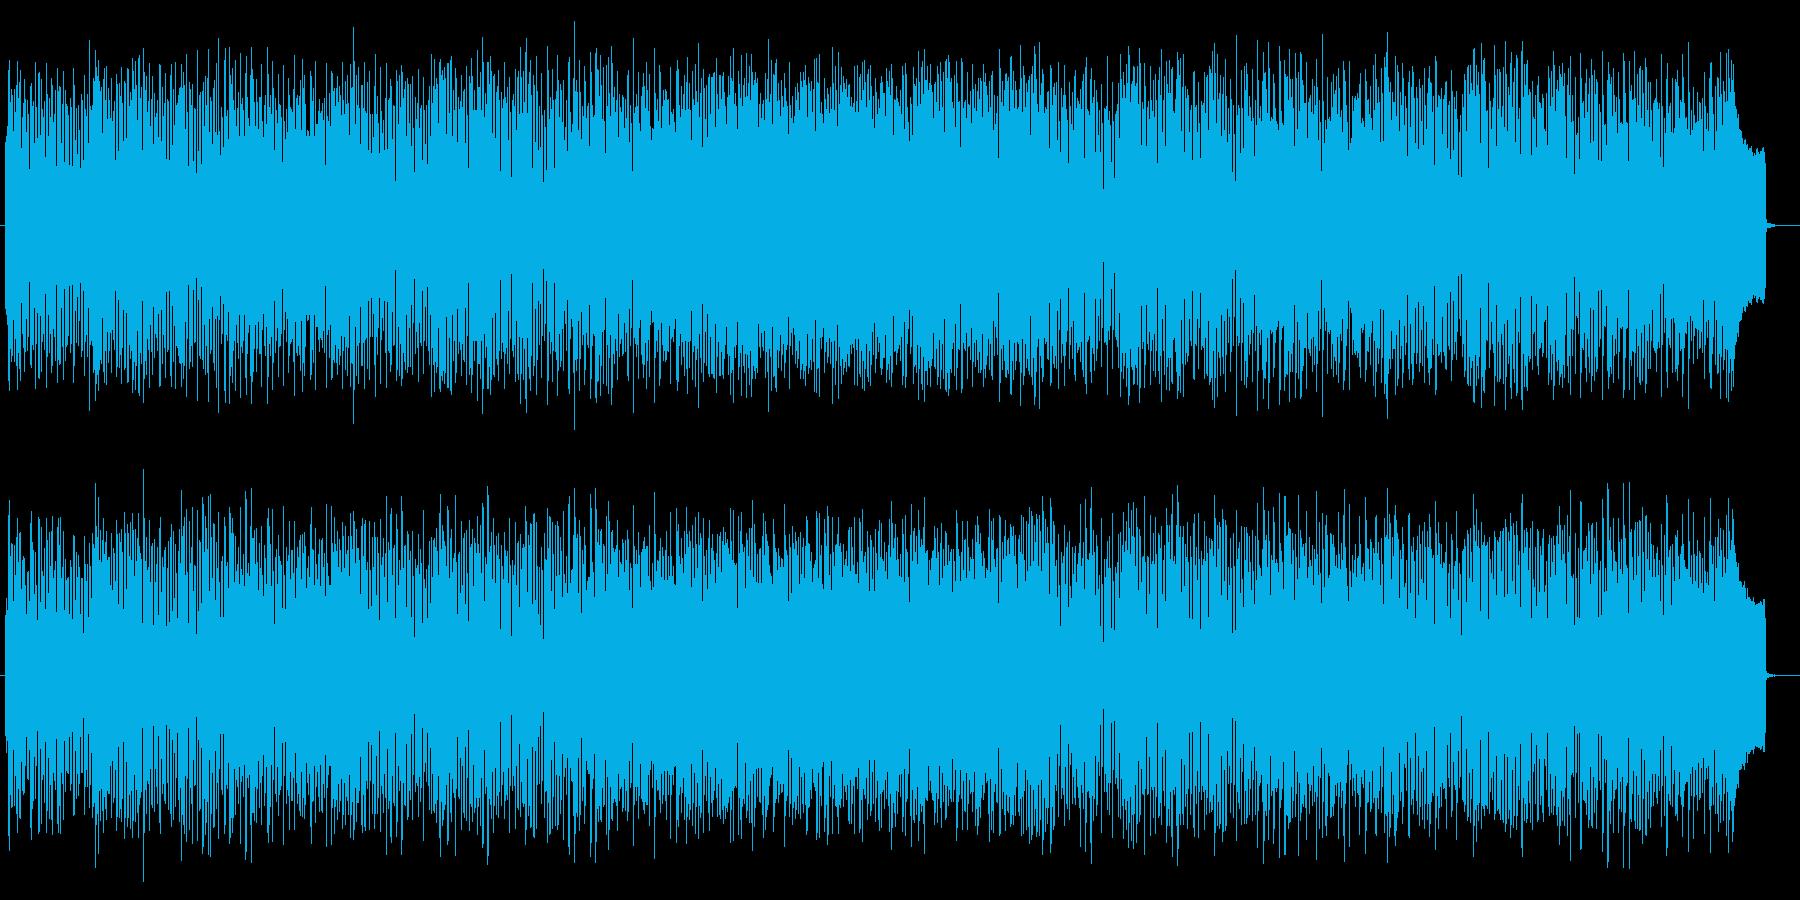 爽快で明るいピアノポップサウンドの再生済みの波形